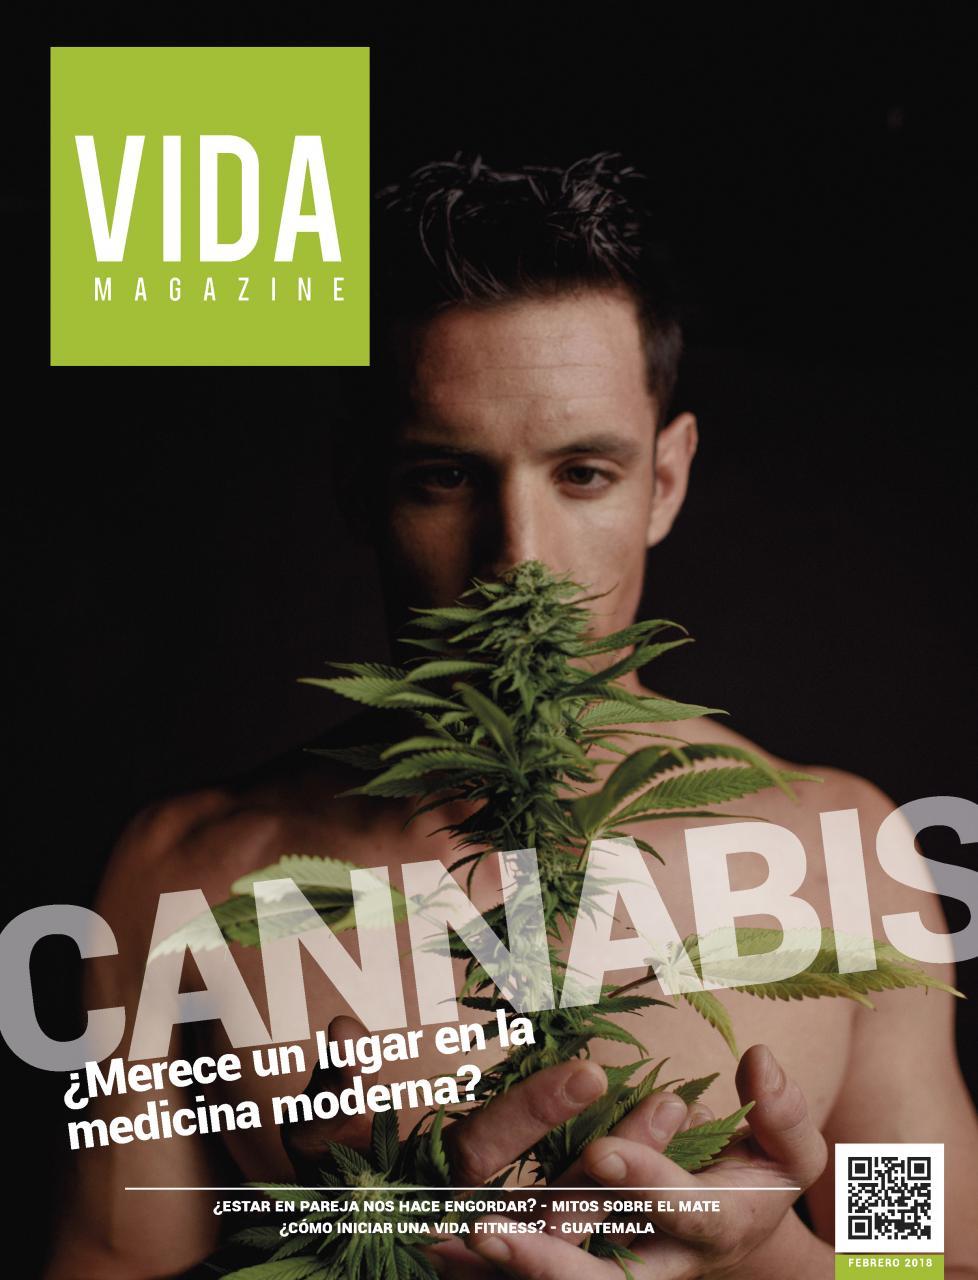 vida-magazine-edicion-41